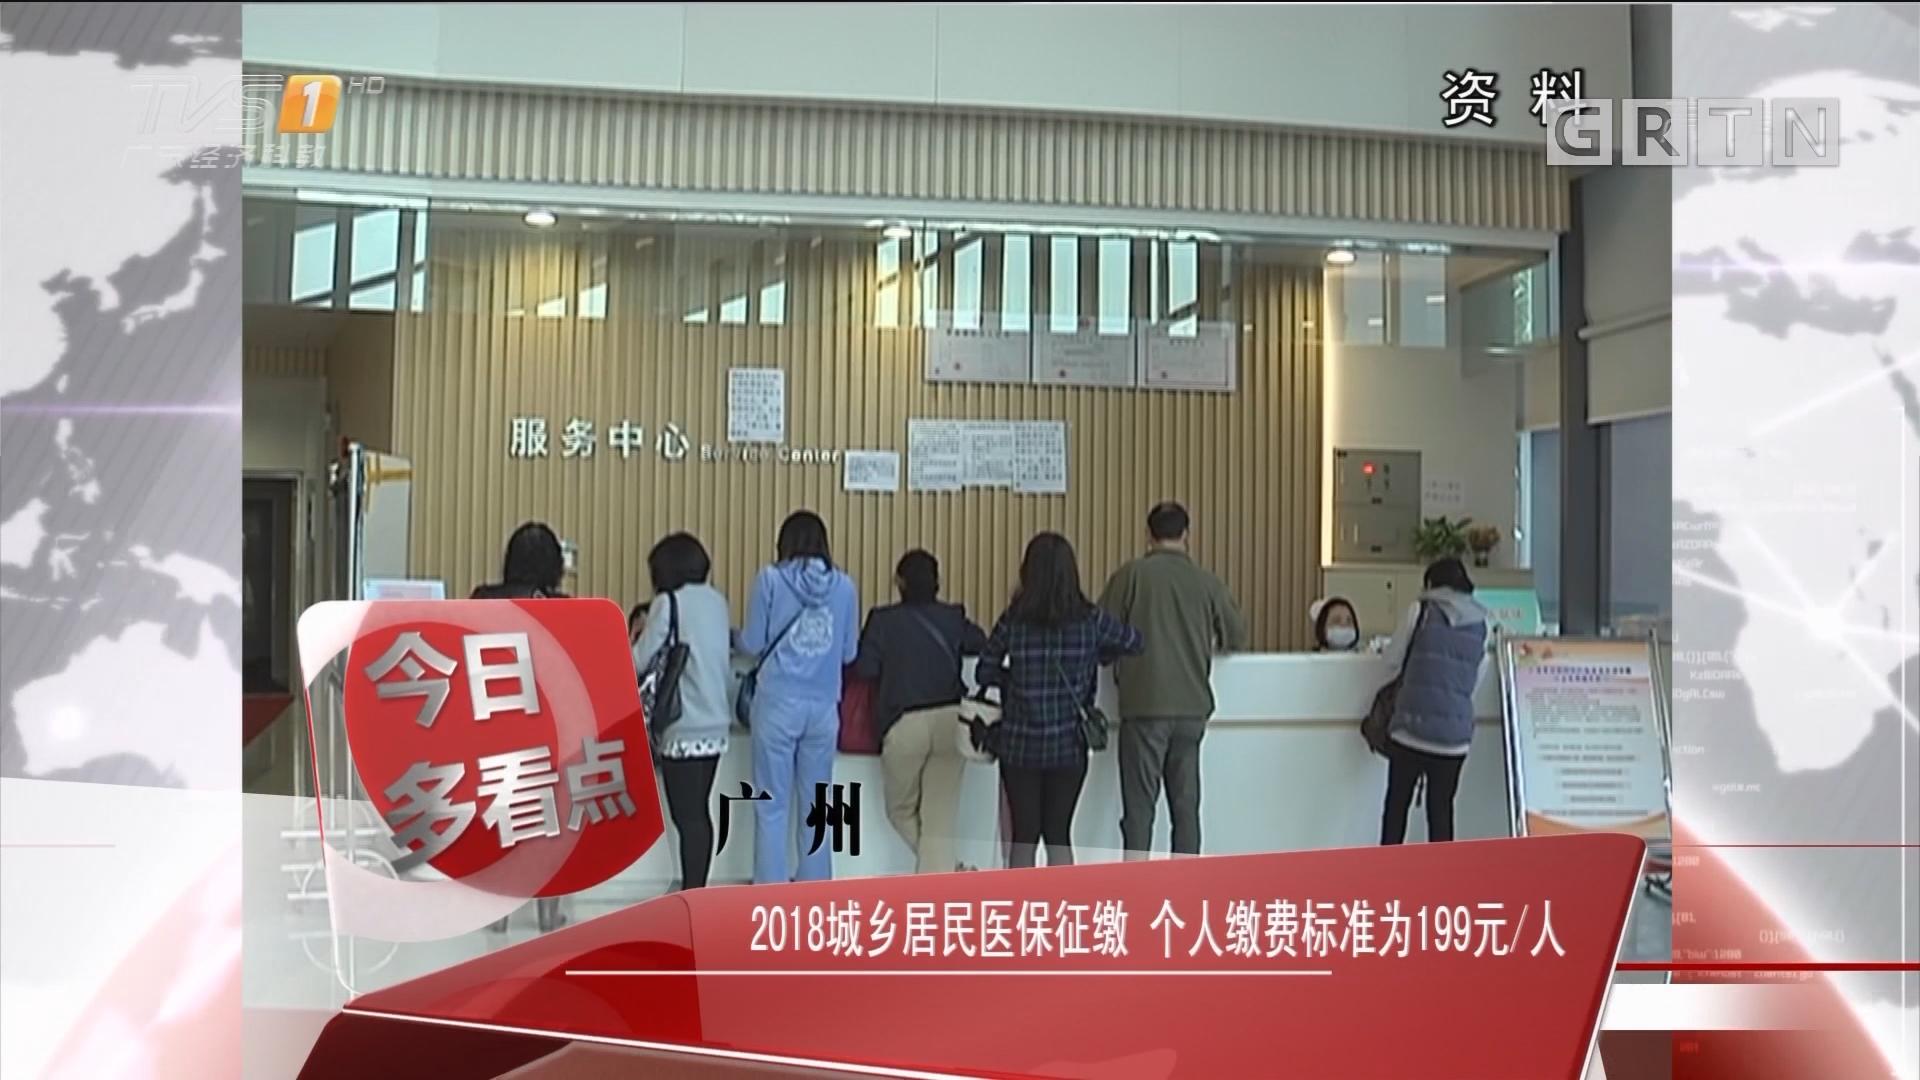 广州:2018城乡居民医保征缴 个人缴费标准为199元/人